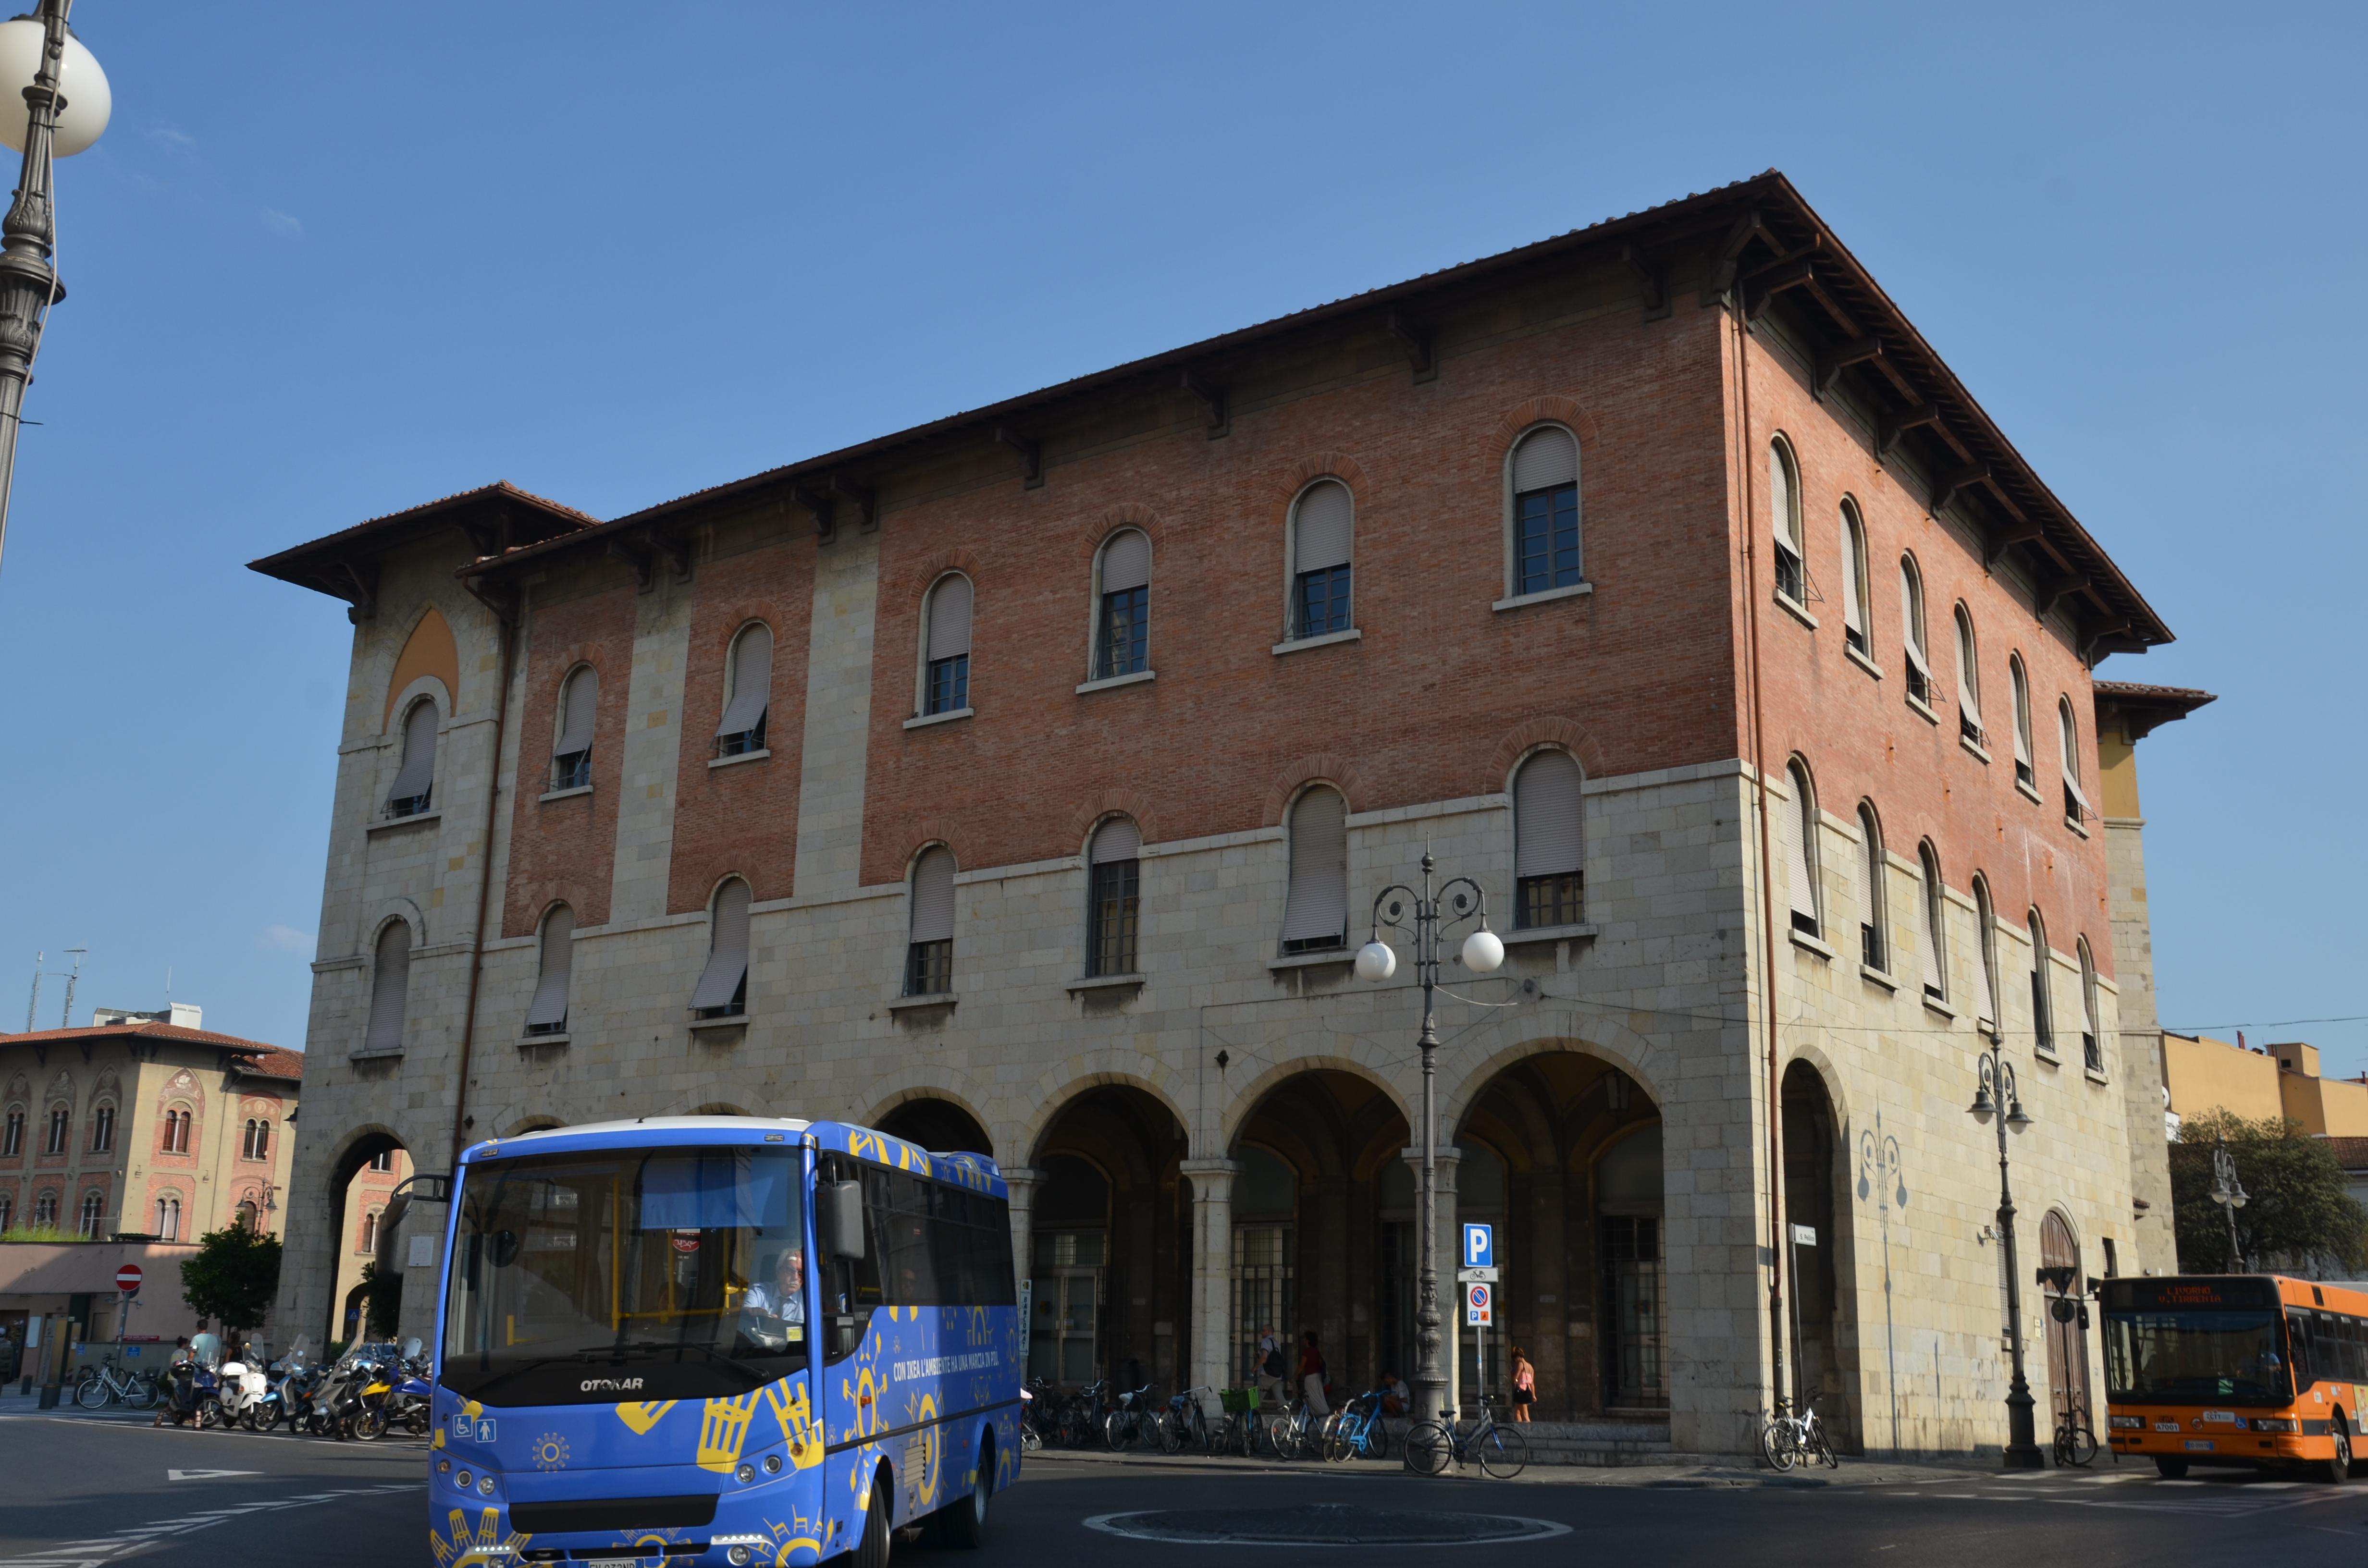 Provincia Wikipedia Di Provincia Pisa Wikipedia Di Pisa Di Provincia Zqppw5I